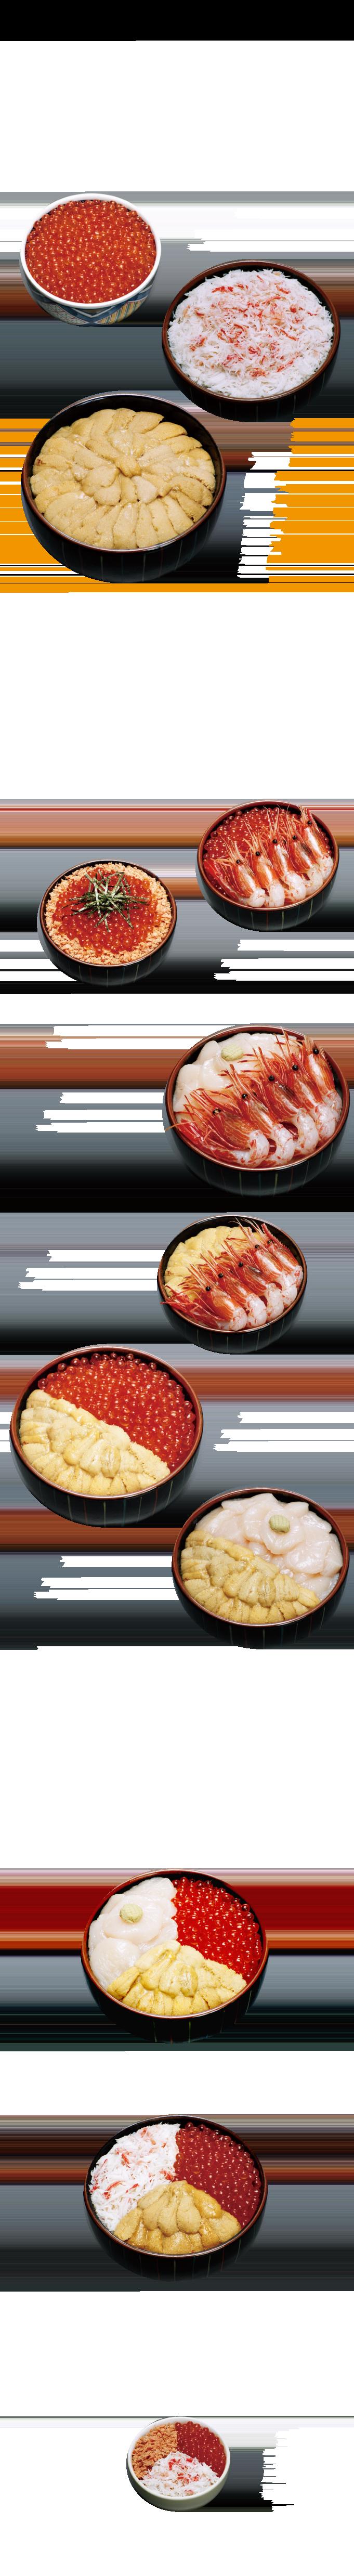 【海鮮丼】ベイエリア店のディナーメニュー